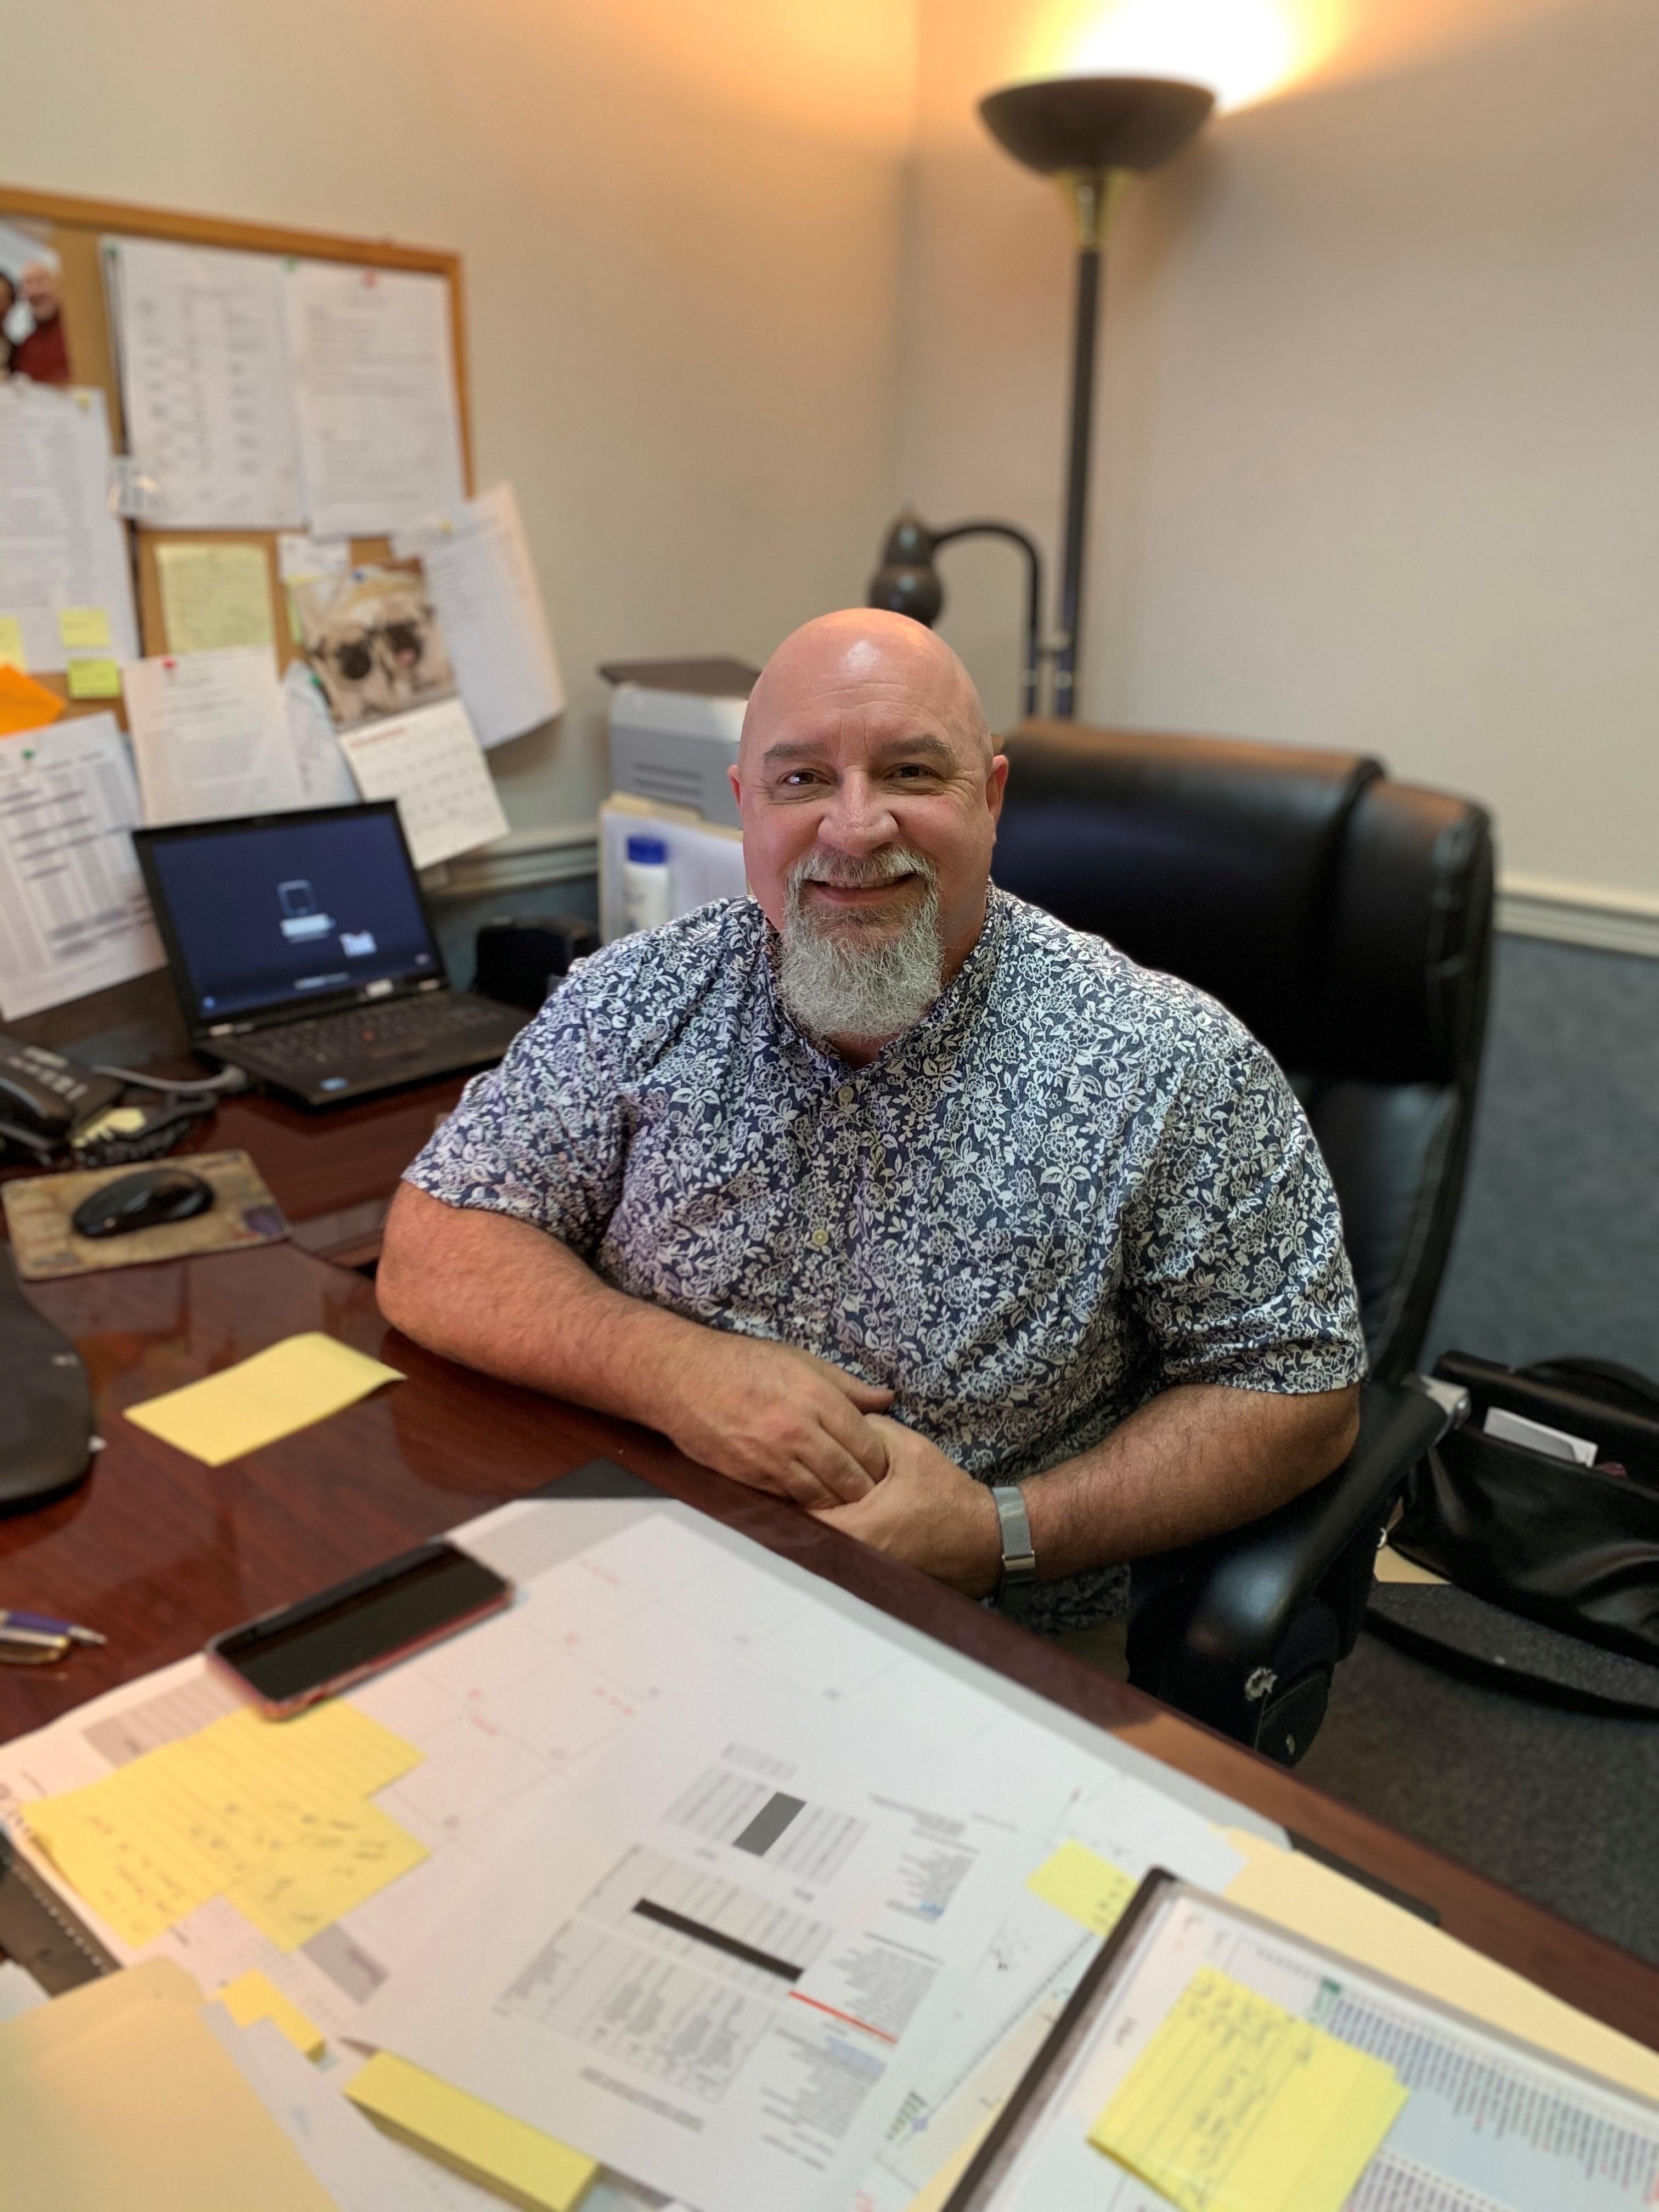 Russ Hatcher sitting at desk